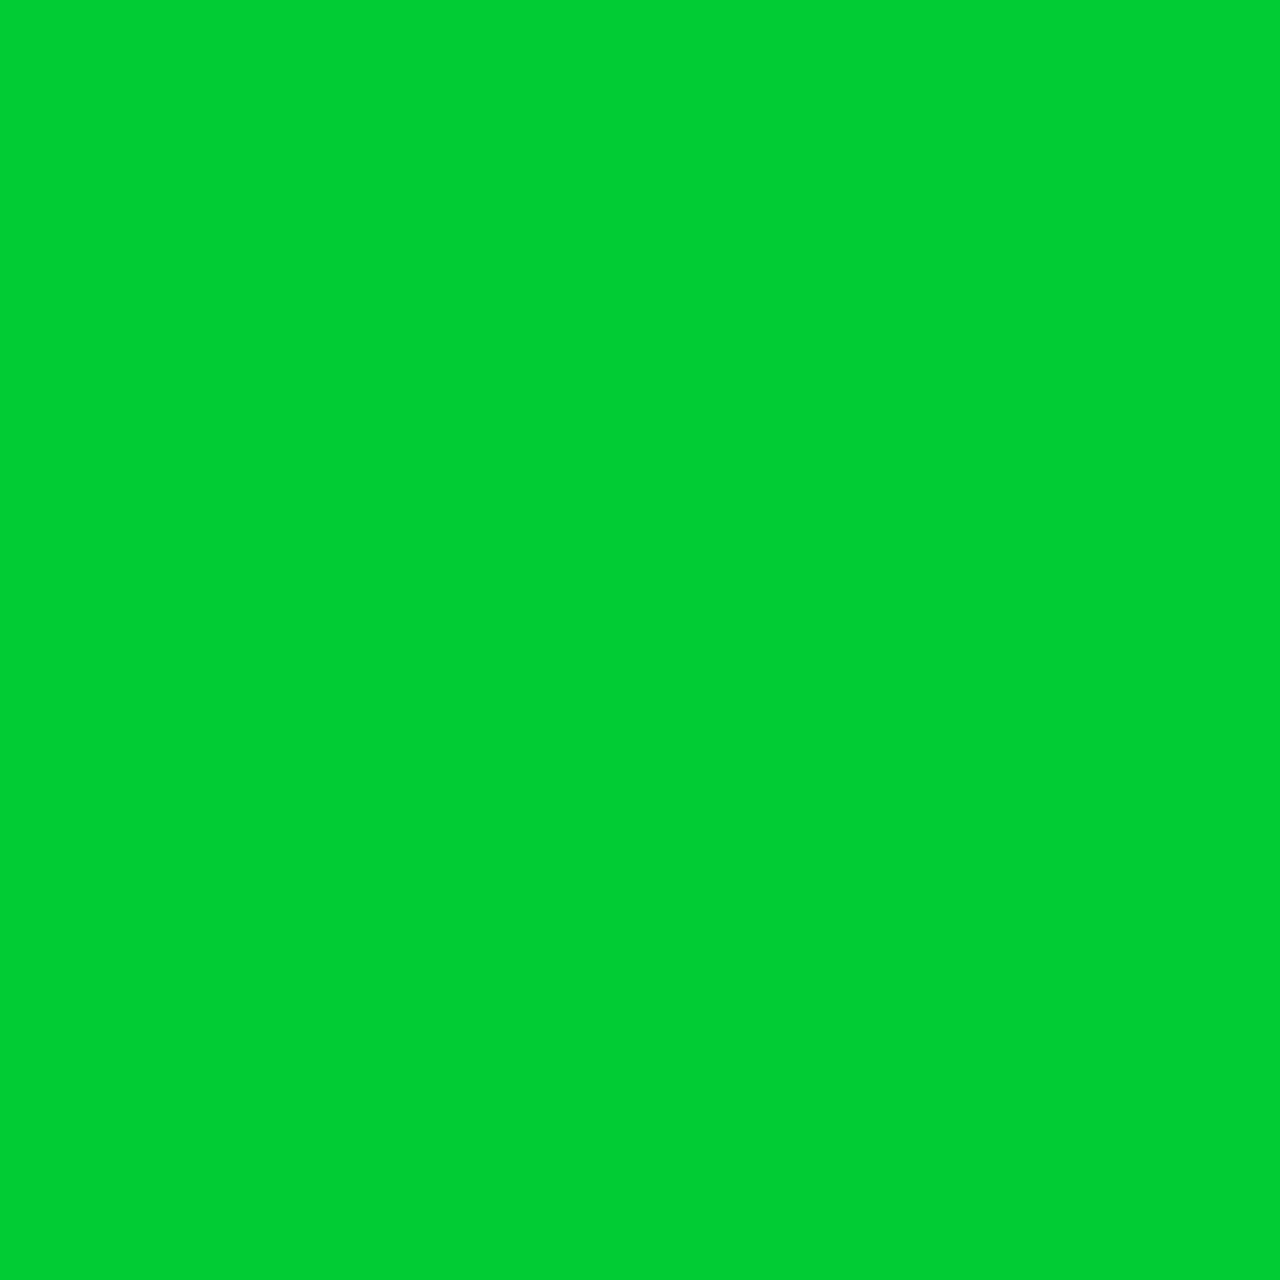 Green Lollies